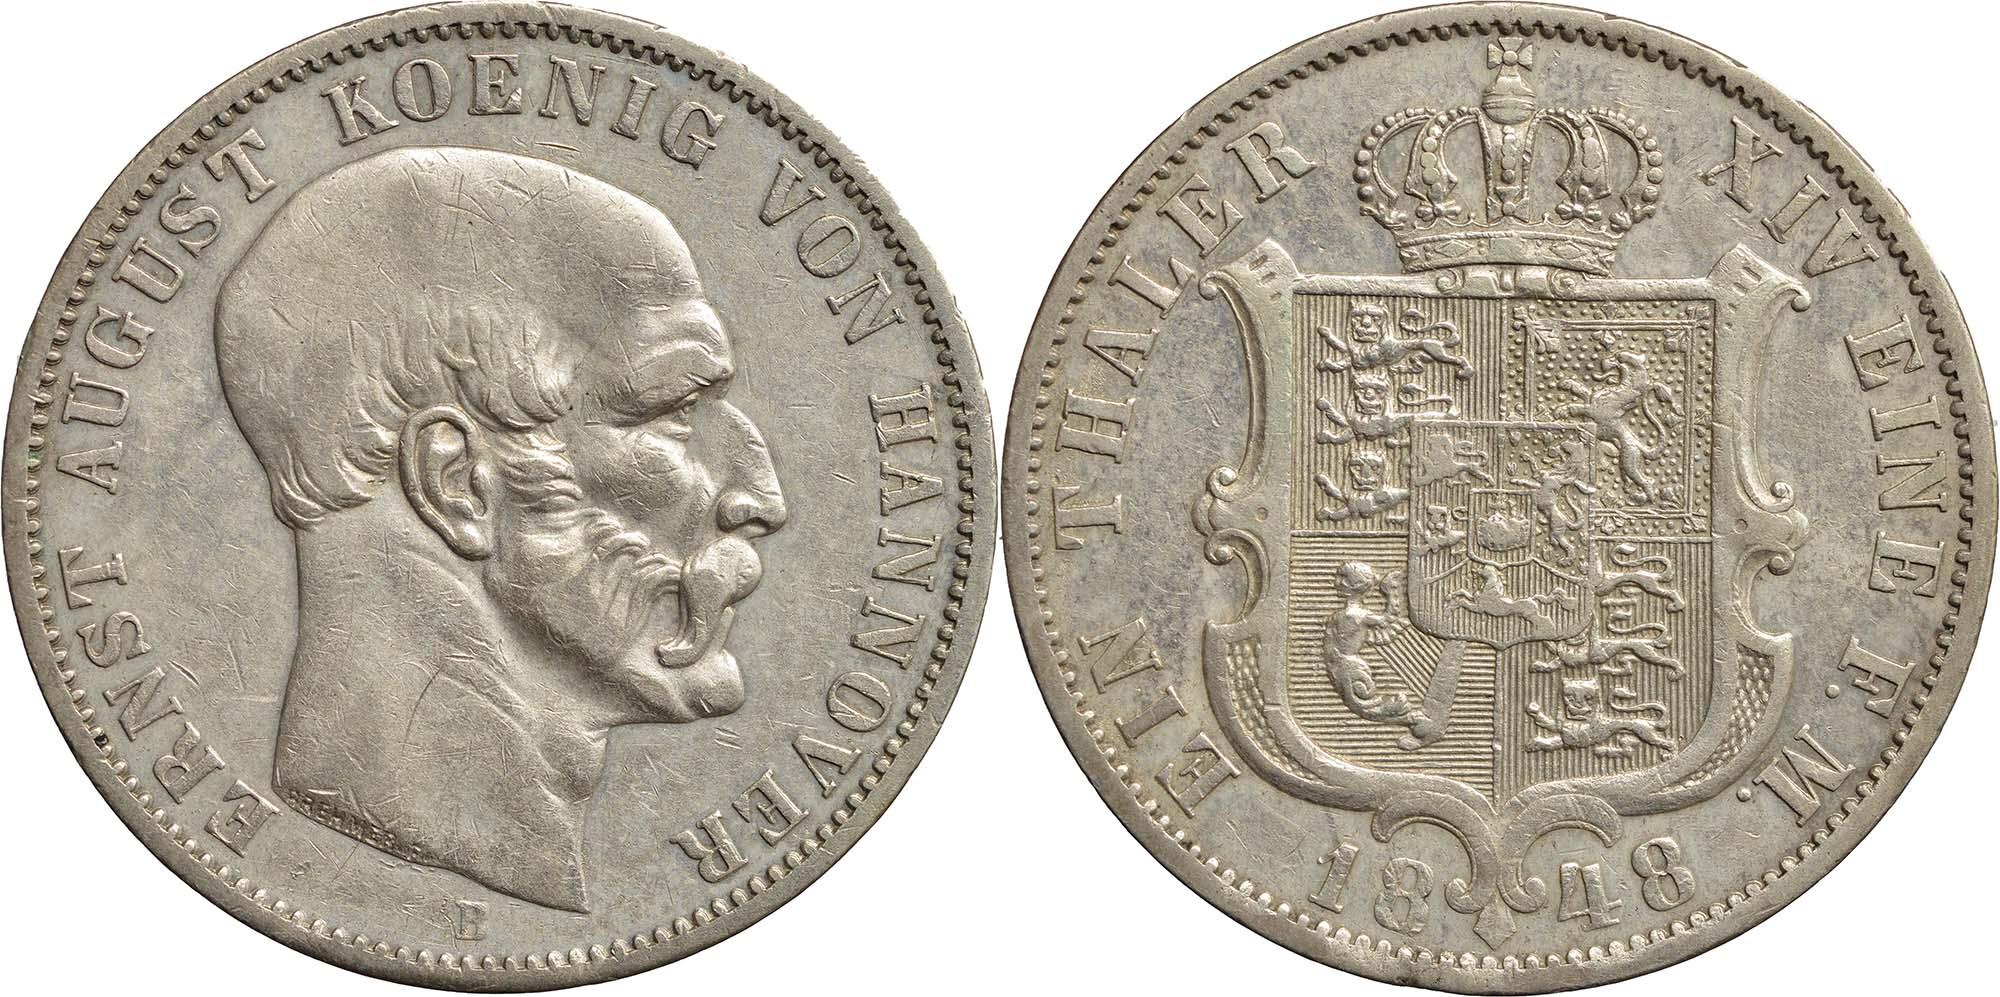 Lieferumfang:Deutschland : 1 Taler  winz. Rs. 1848 ss/vz.